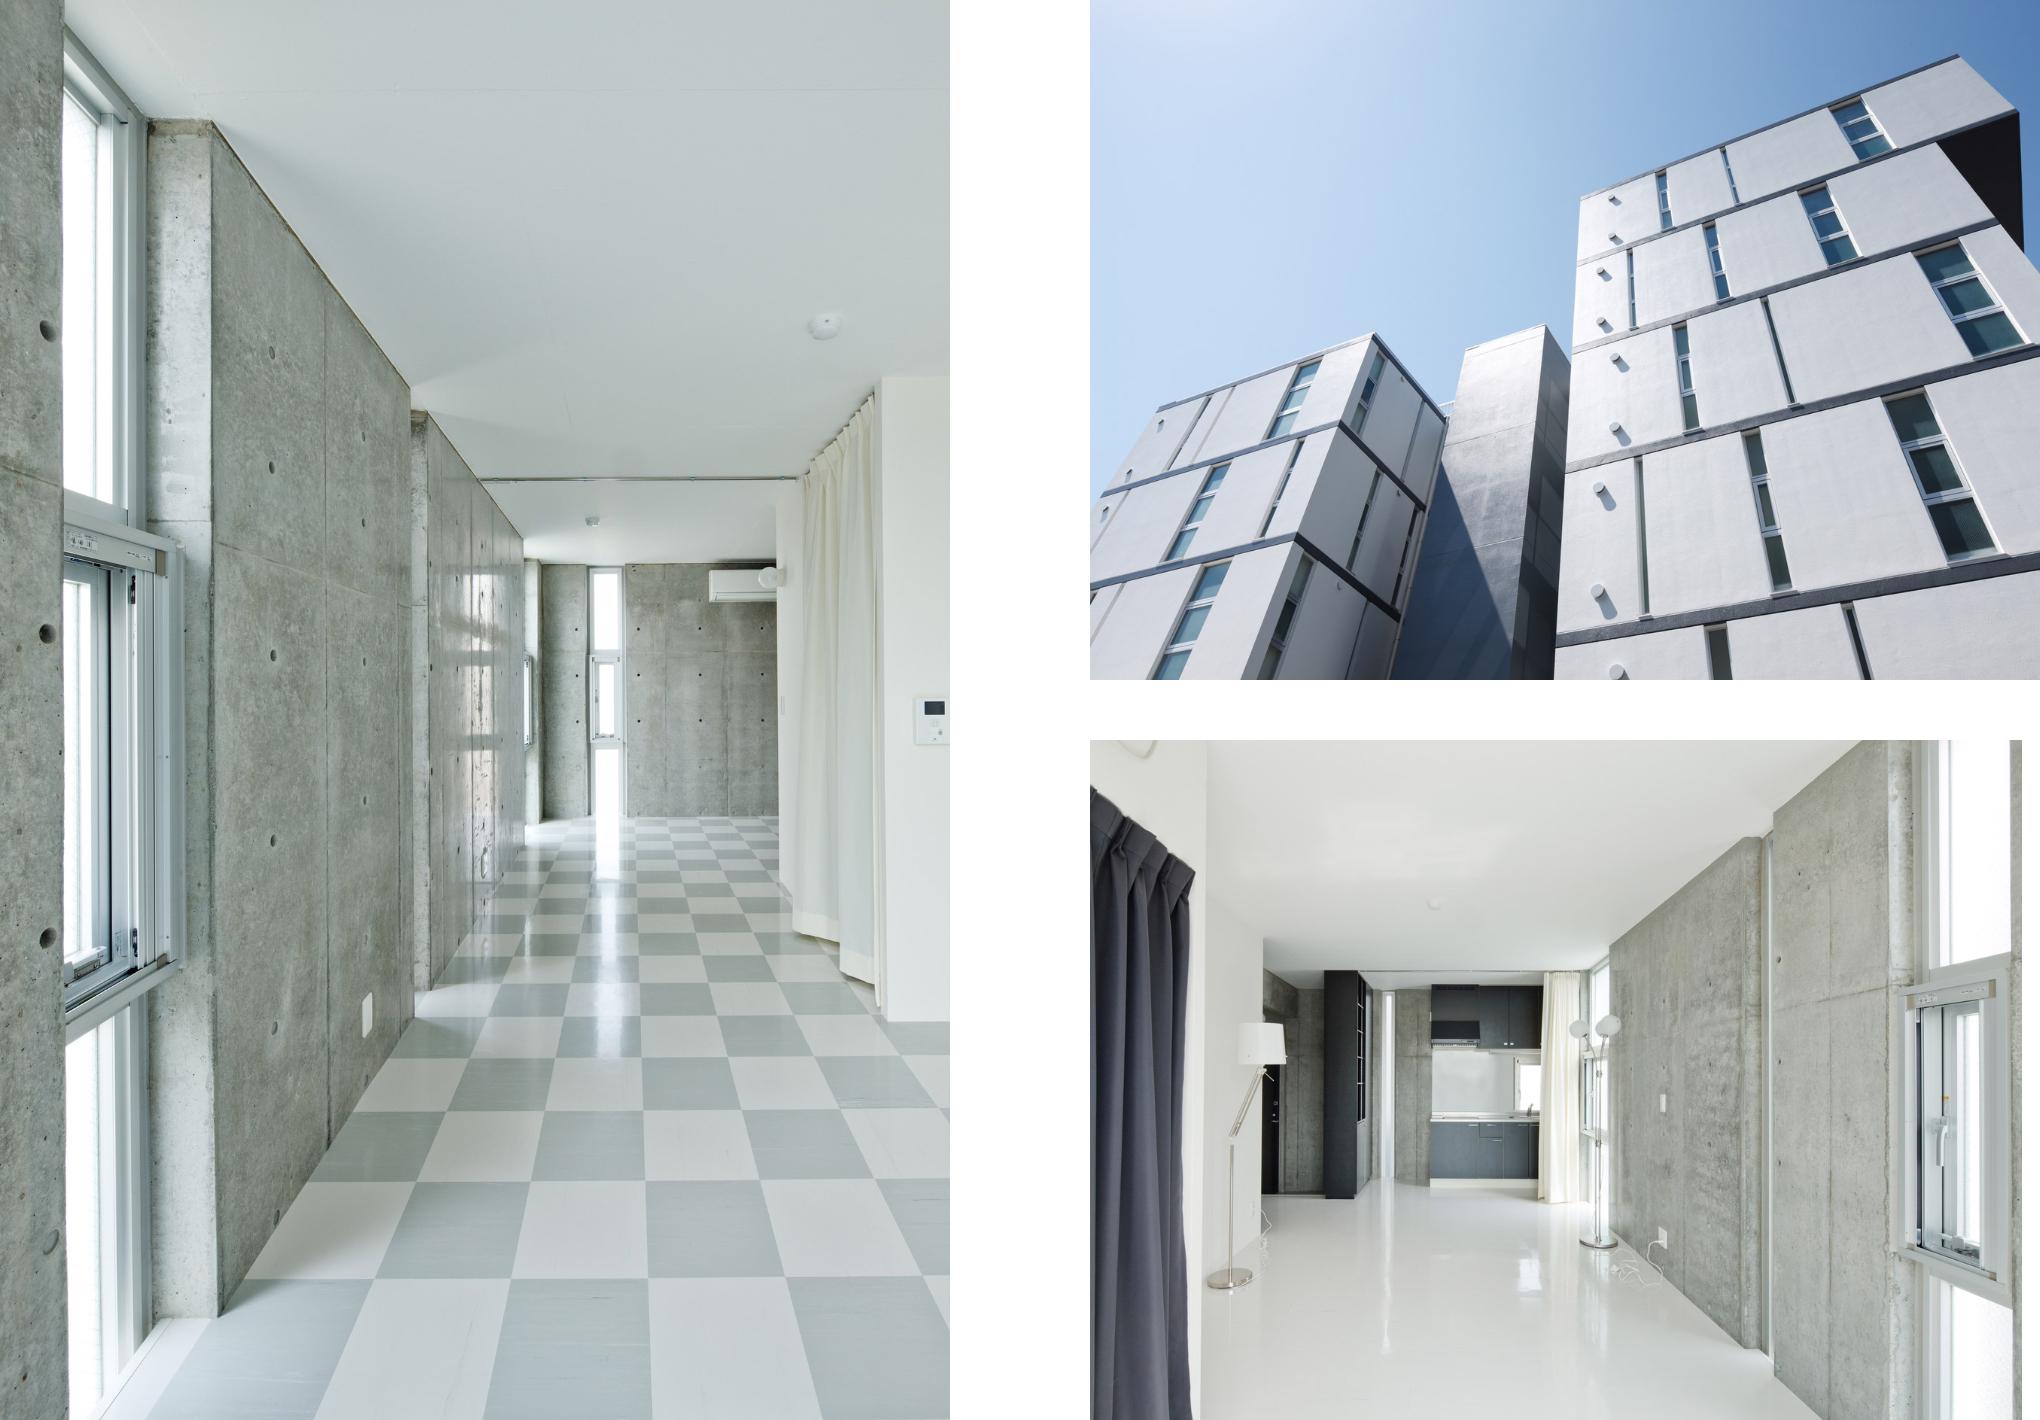 「全室角部屋南向き」のマンション